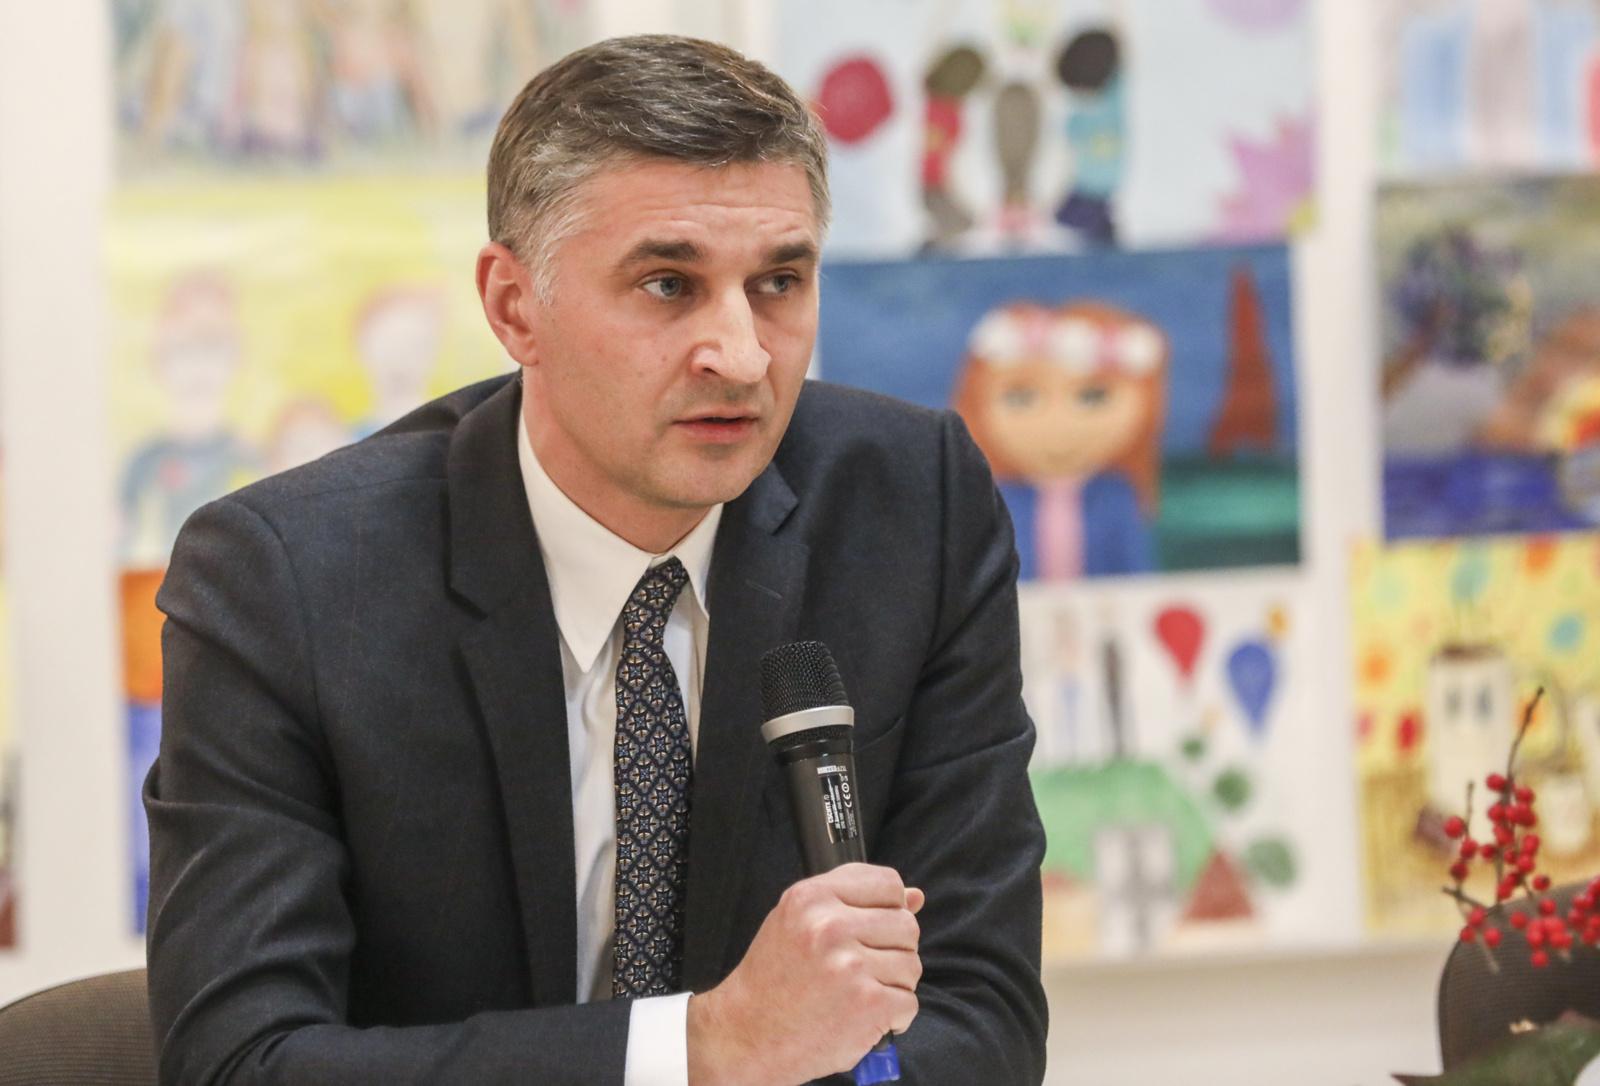 J. Neverovičius apie kelią Vilnius-Utena: jei Vyriausybė teisingai susidėliotų prioritetus, galbūt nebūtų apie ką kalbėti